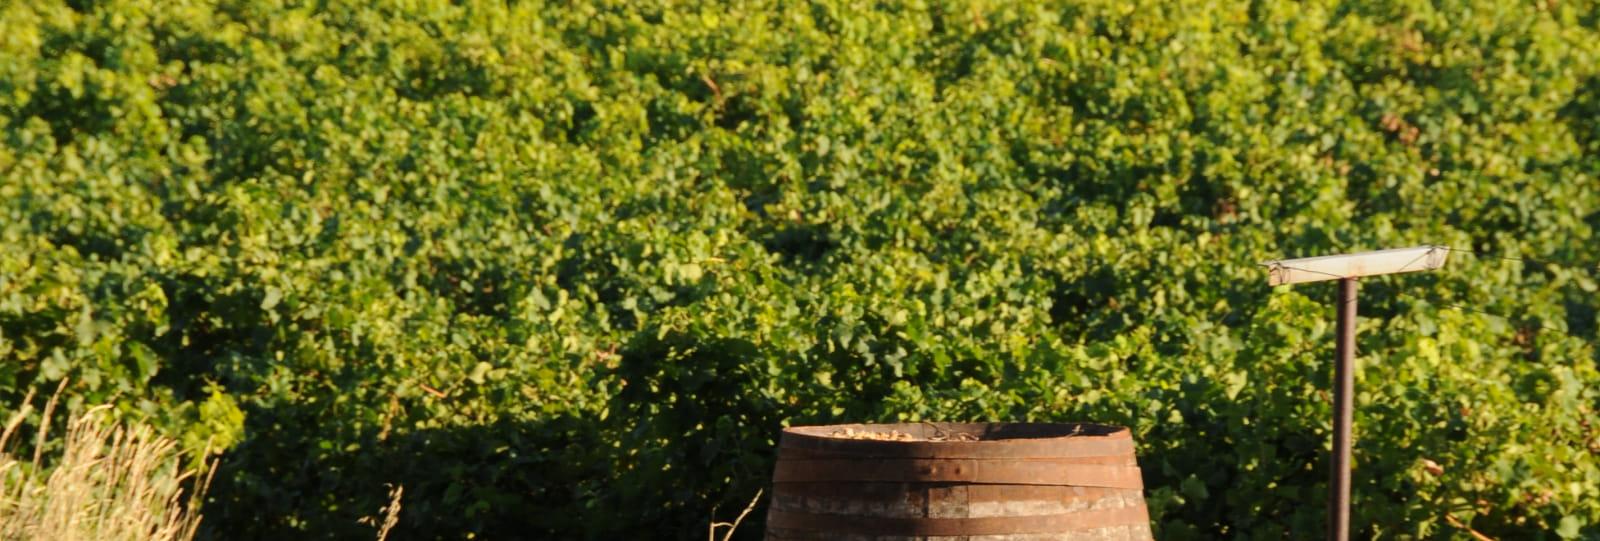 Vignoble - Domaine des Rosier